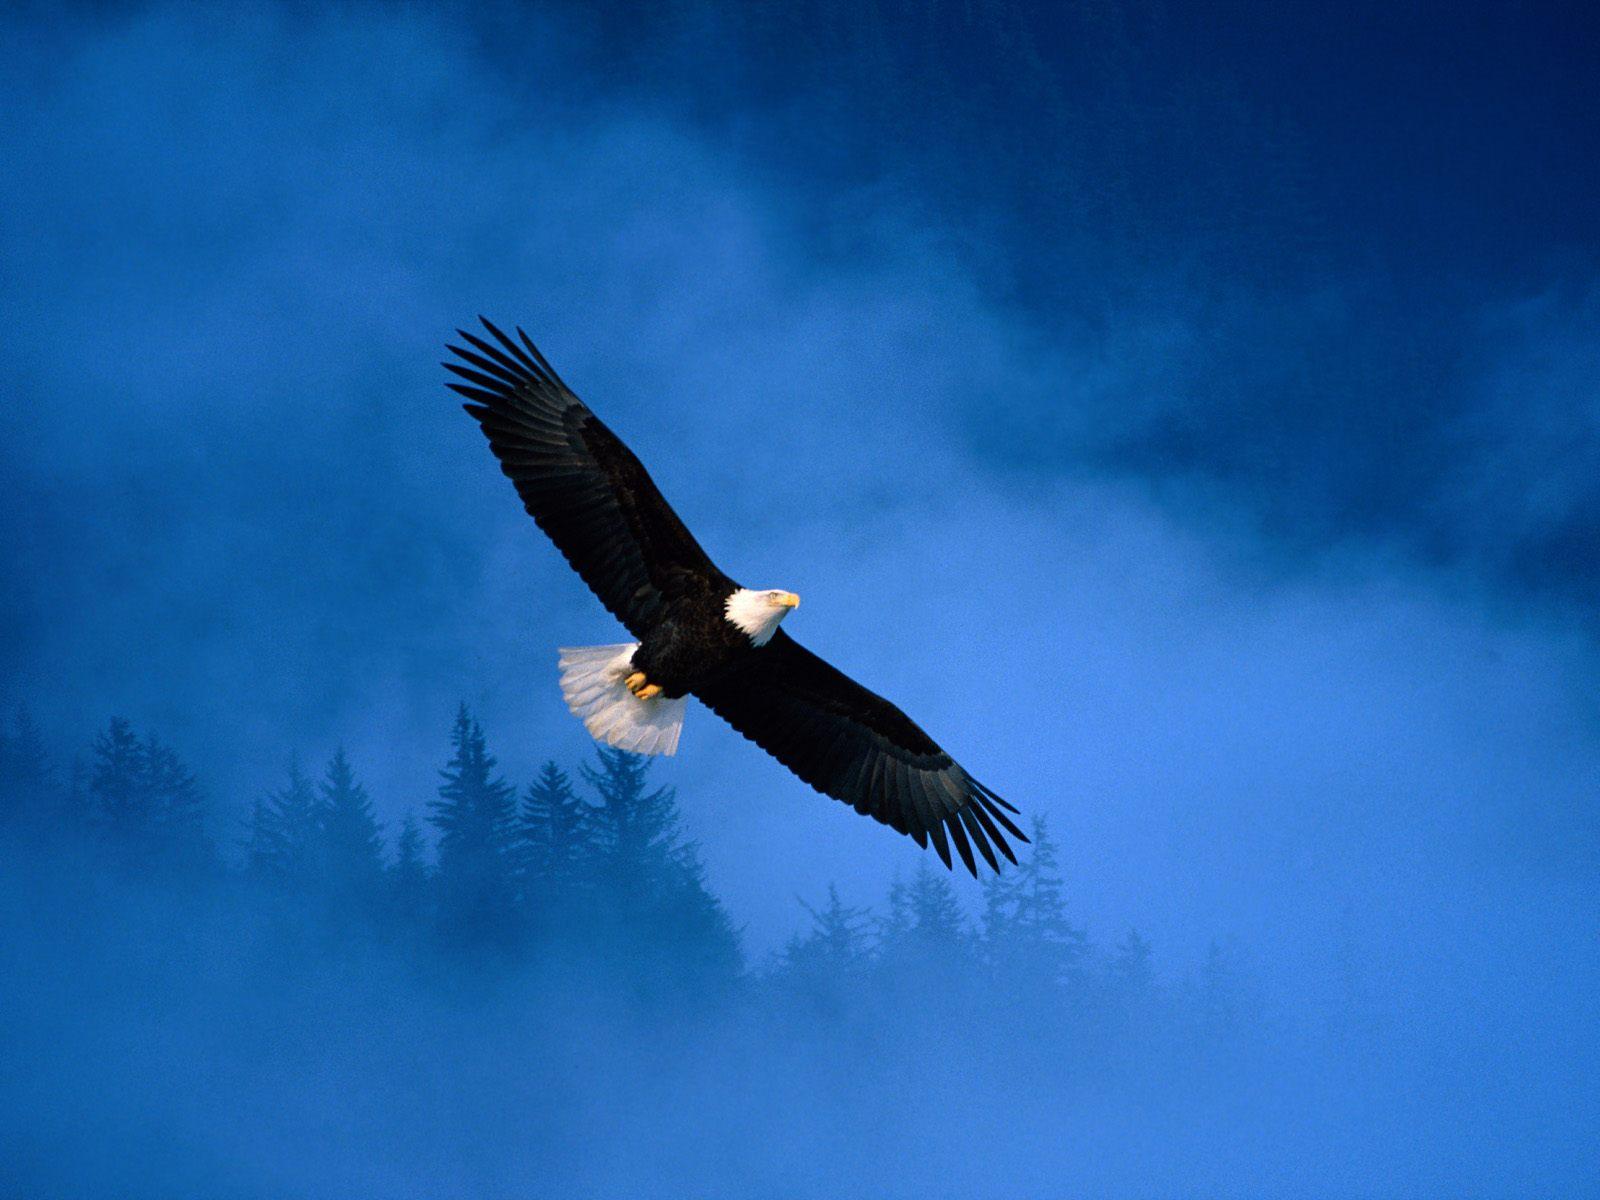 орел, летит в небе, фото, обои на рабочий стол